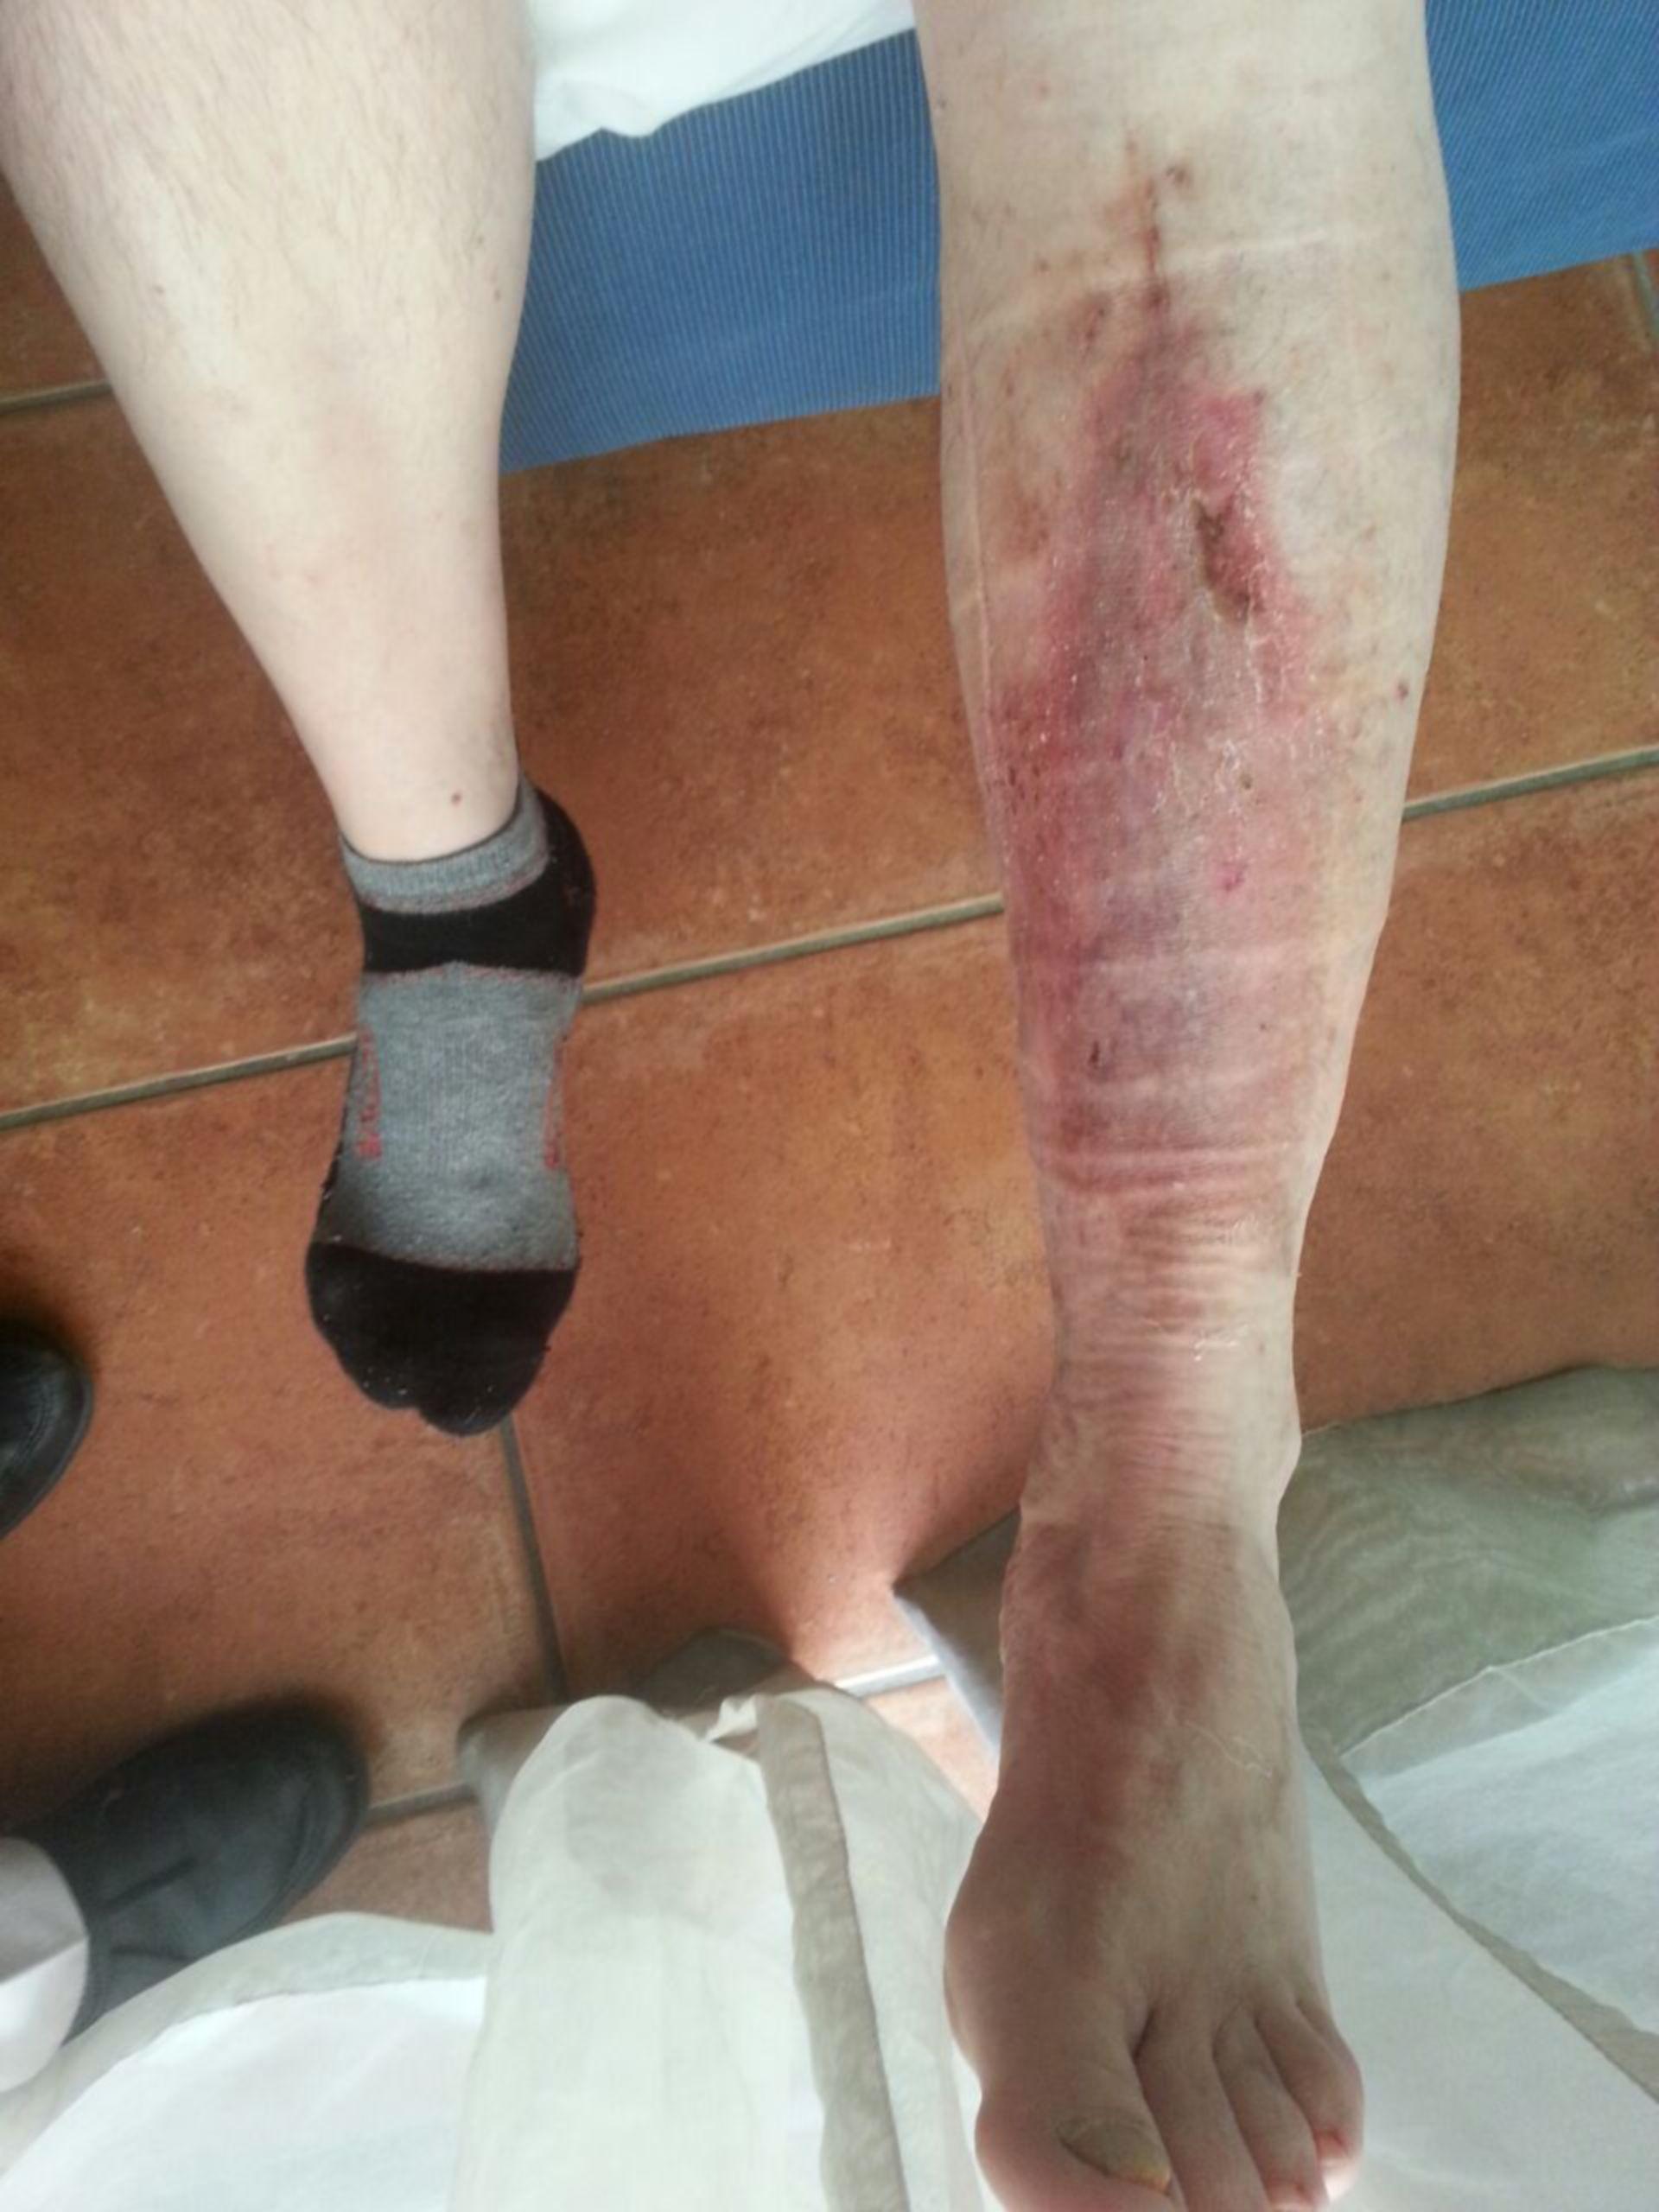 Úlcera de la pierna -20 años abierta: resultado ambulatorio (18)